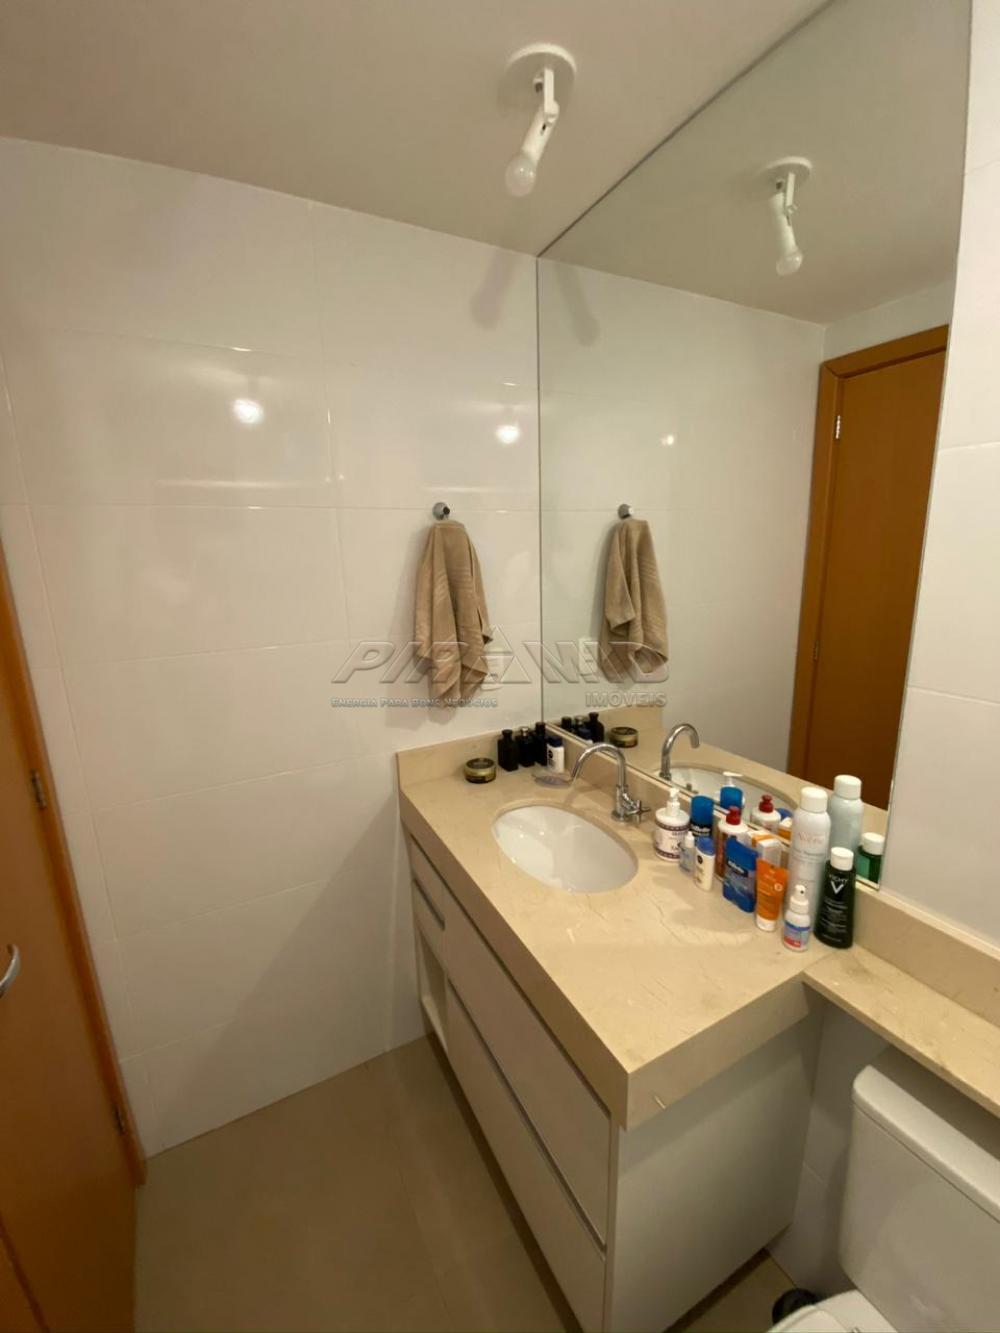 Comprar Apartamento / Padrão em Ribeirão Preto R$ 430.000,00 - Foto 10